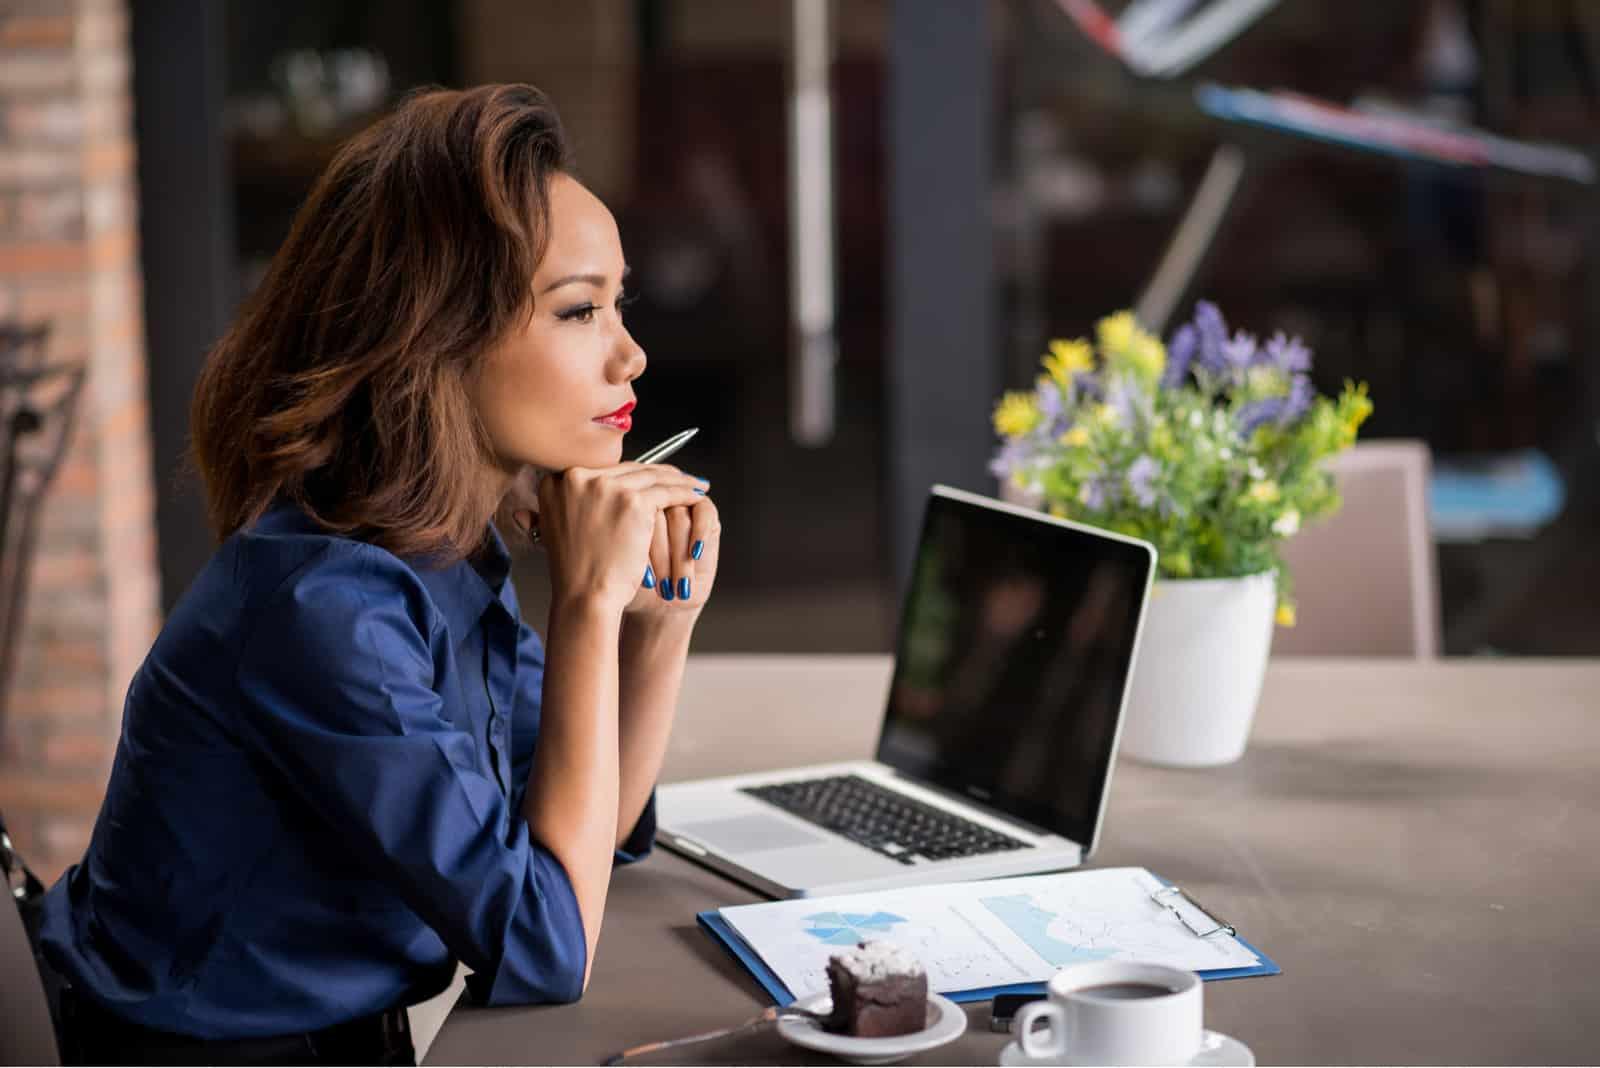 une femme imaginaire assise à un bureau